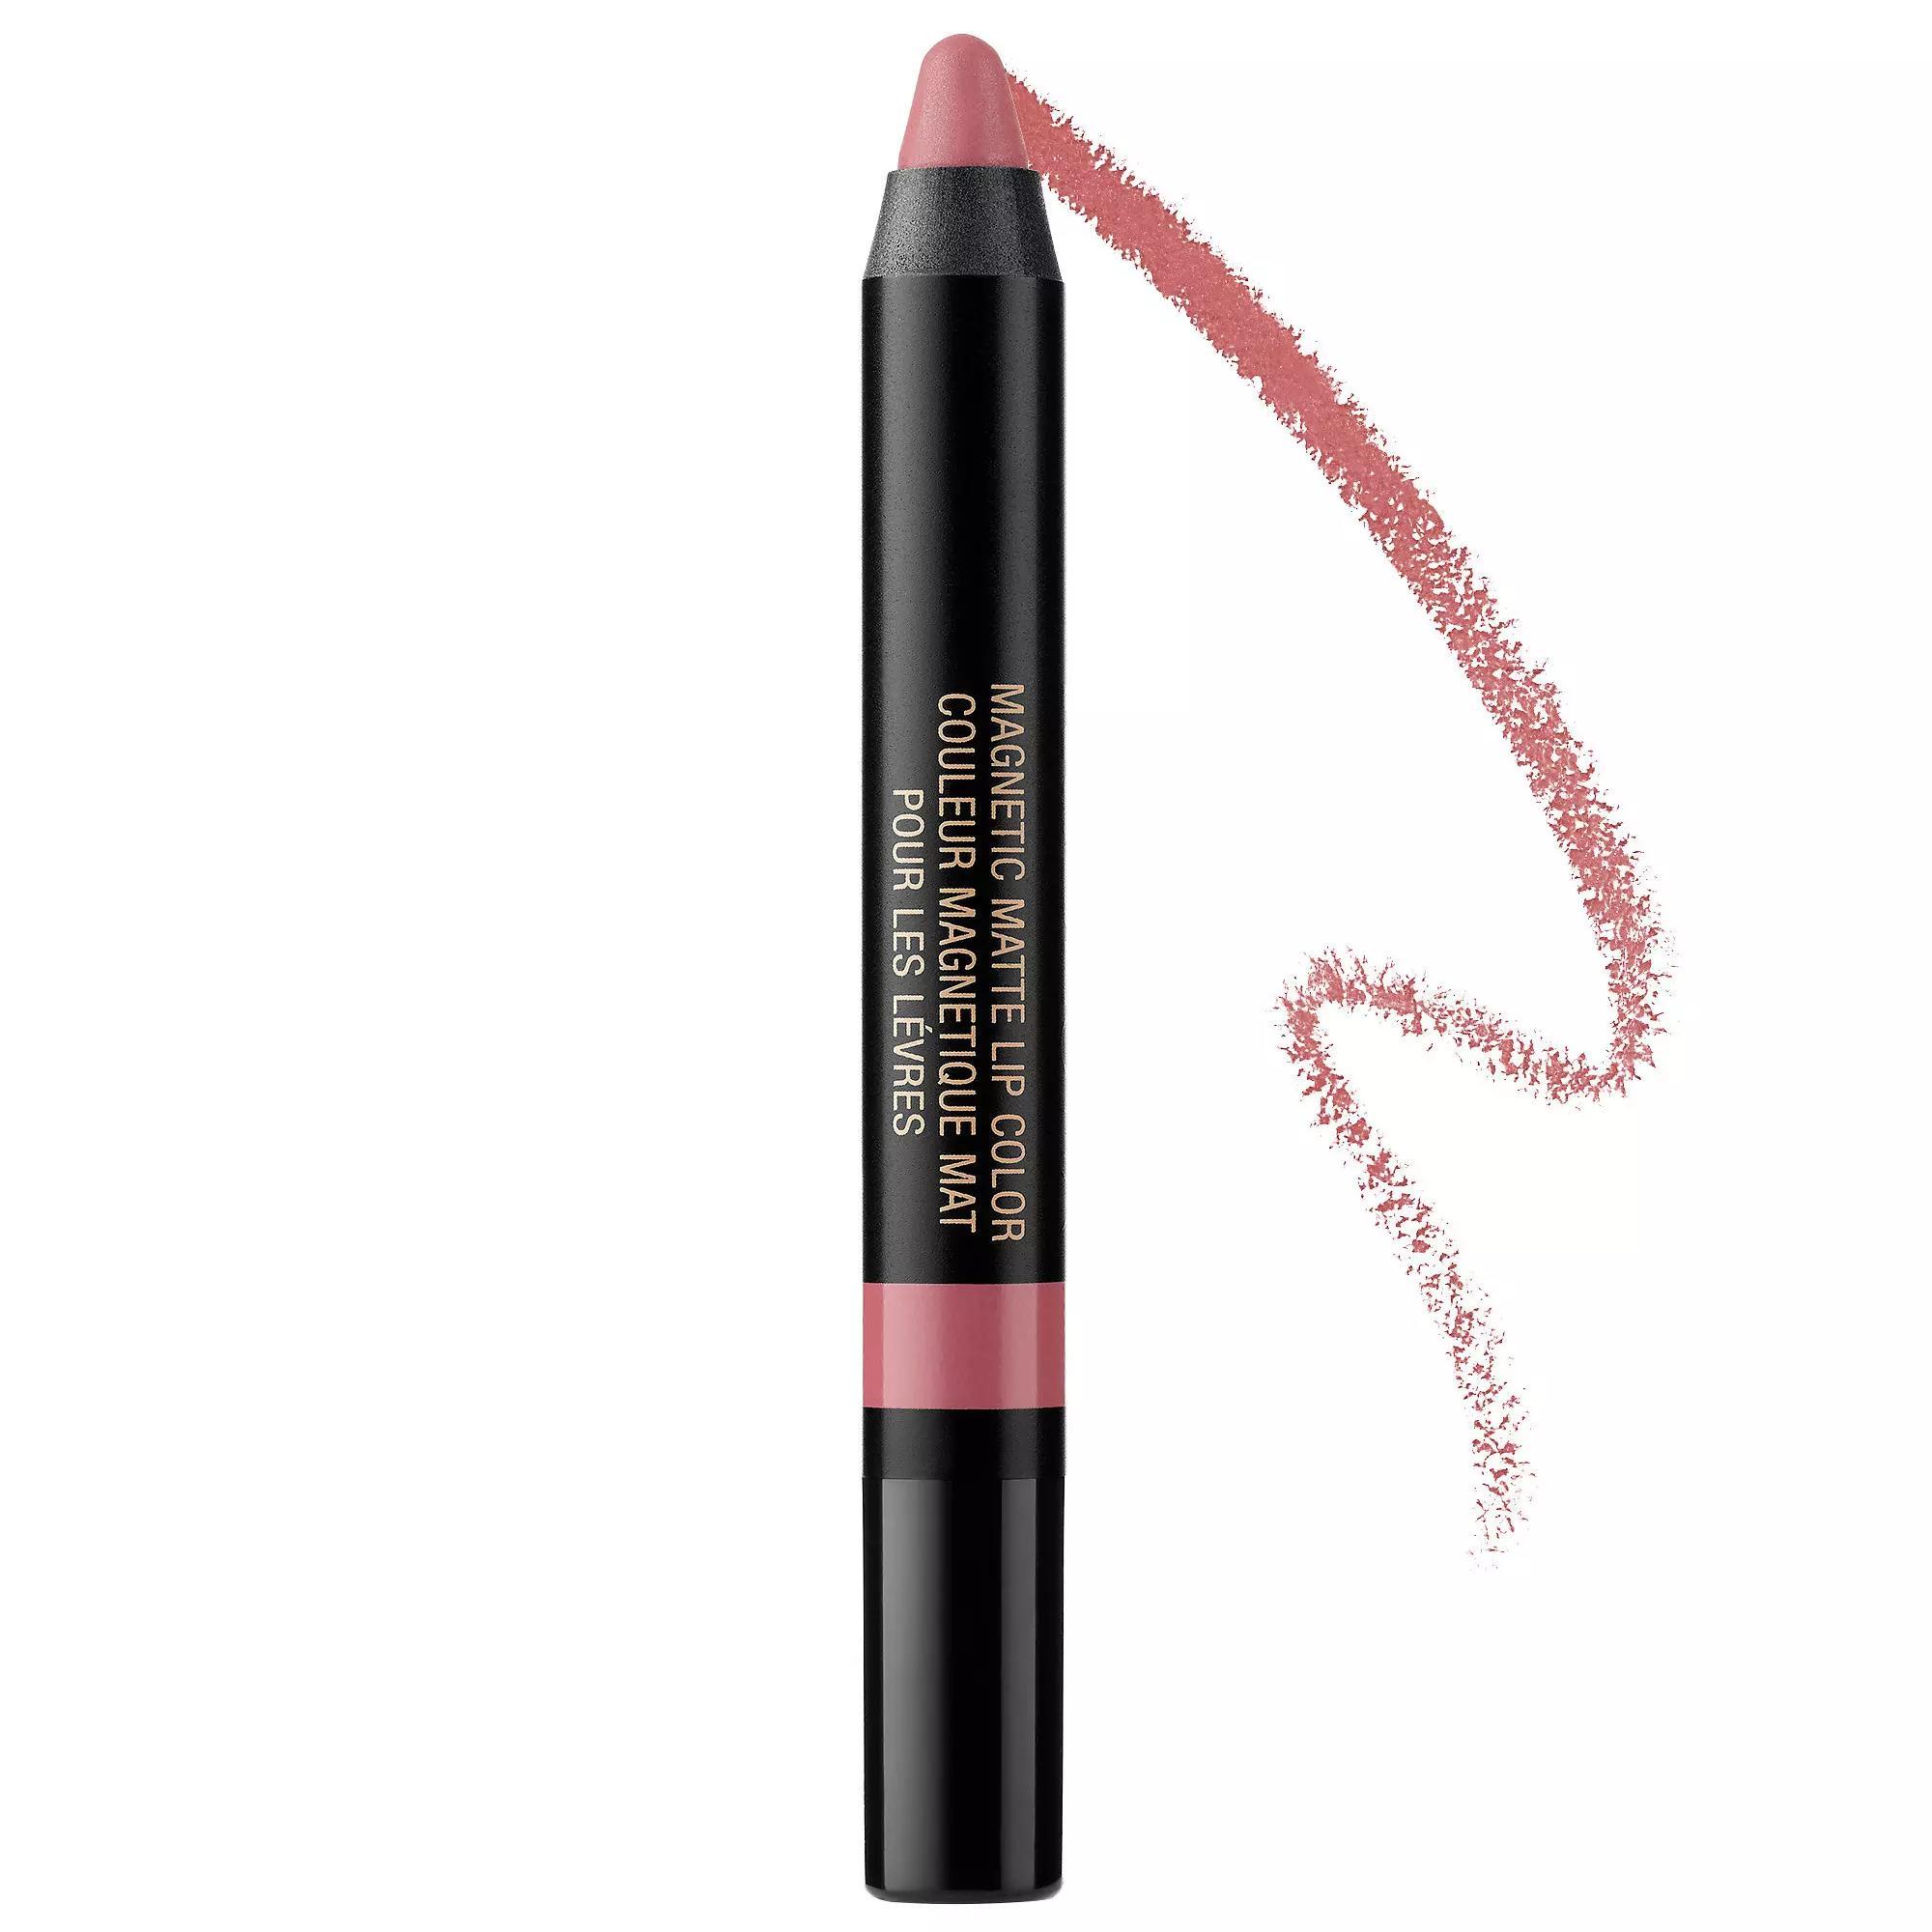 NUDESTIX Magnetic Matte Lip Color Purity Mini